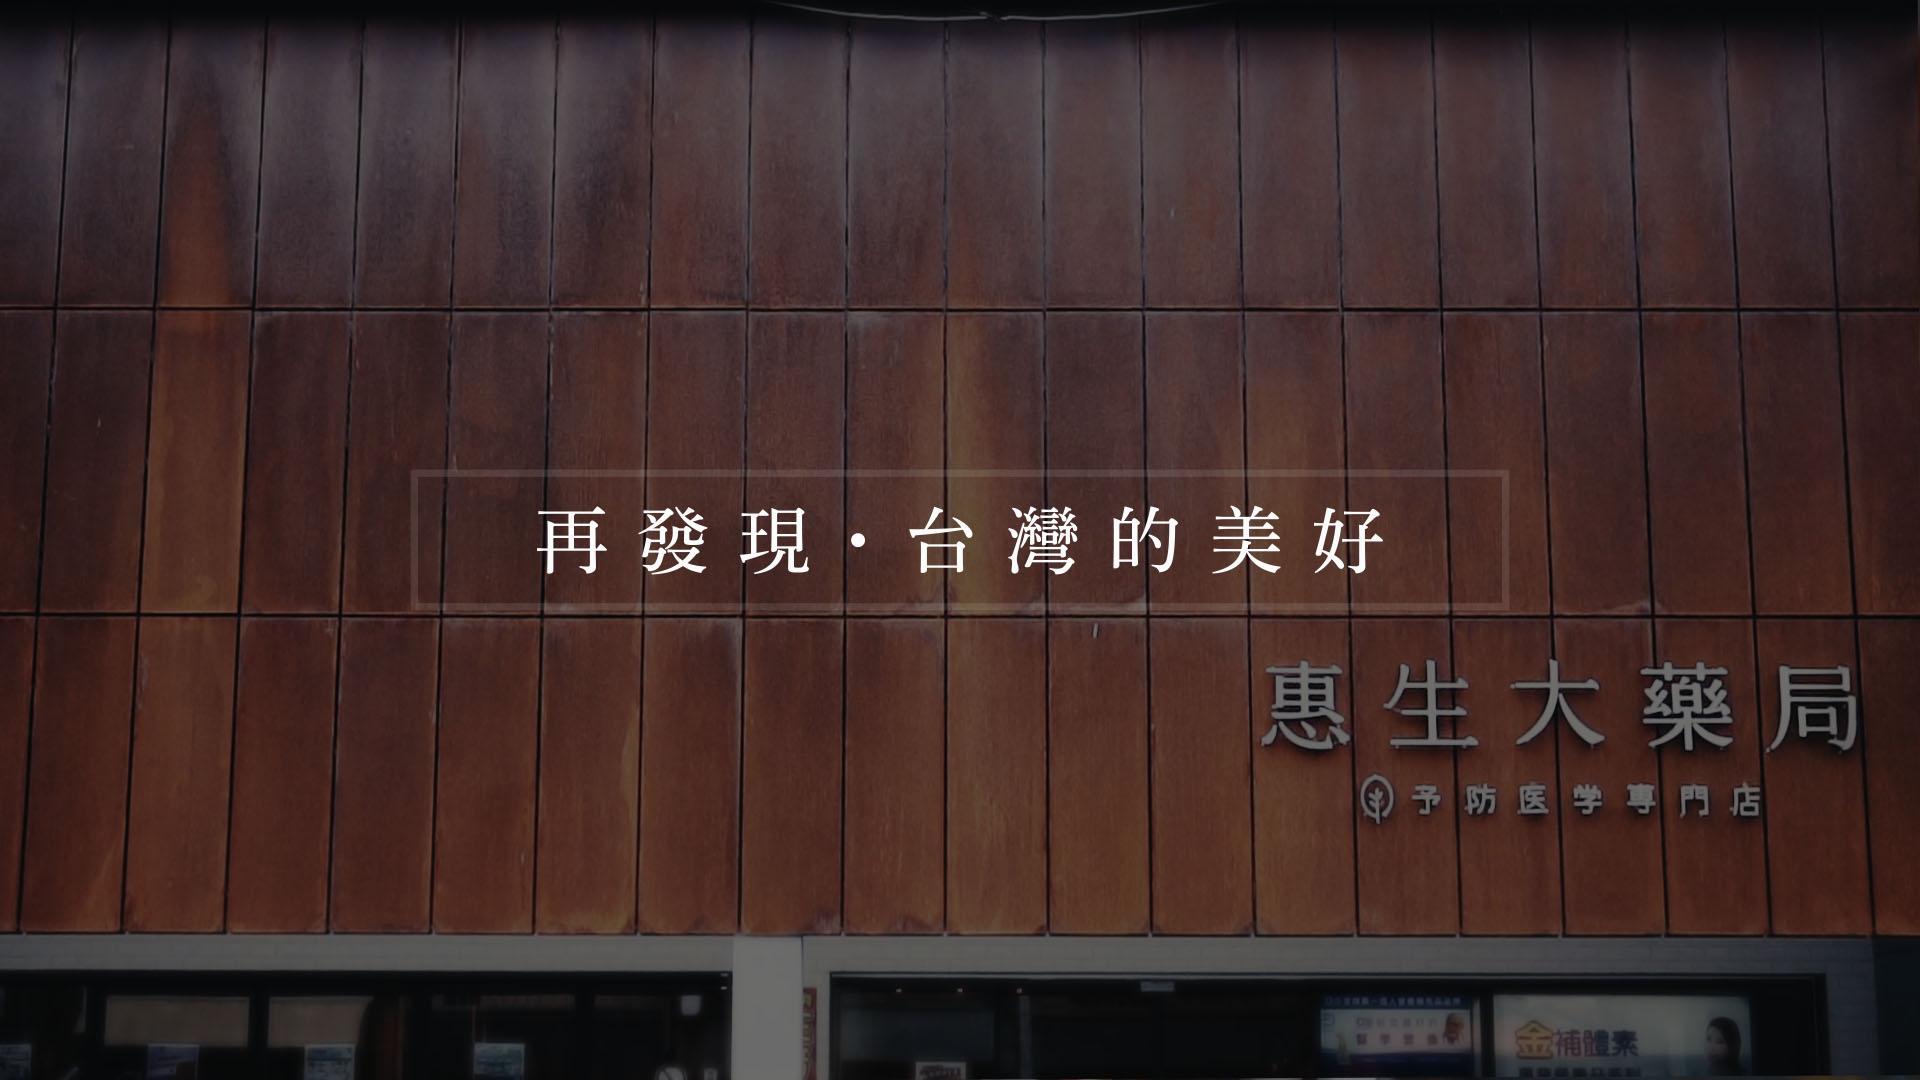 【再發現.台灣的美好】雲林「惠生大藥局」日本建築大師操刀,三代老藥房搖身一變時髦「暖心藥局」!| Bella Taiwan